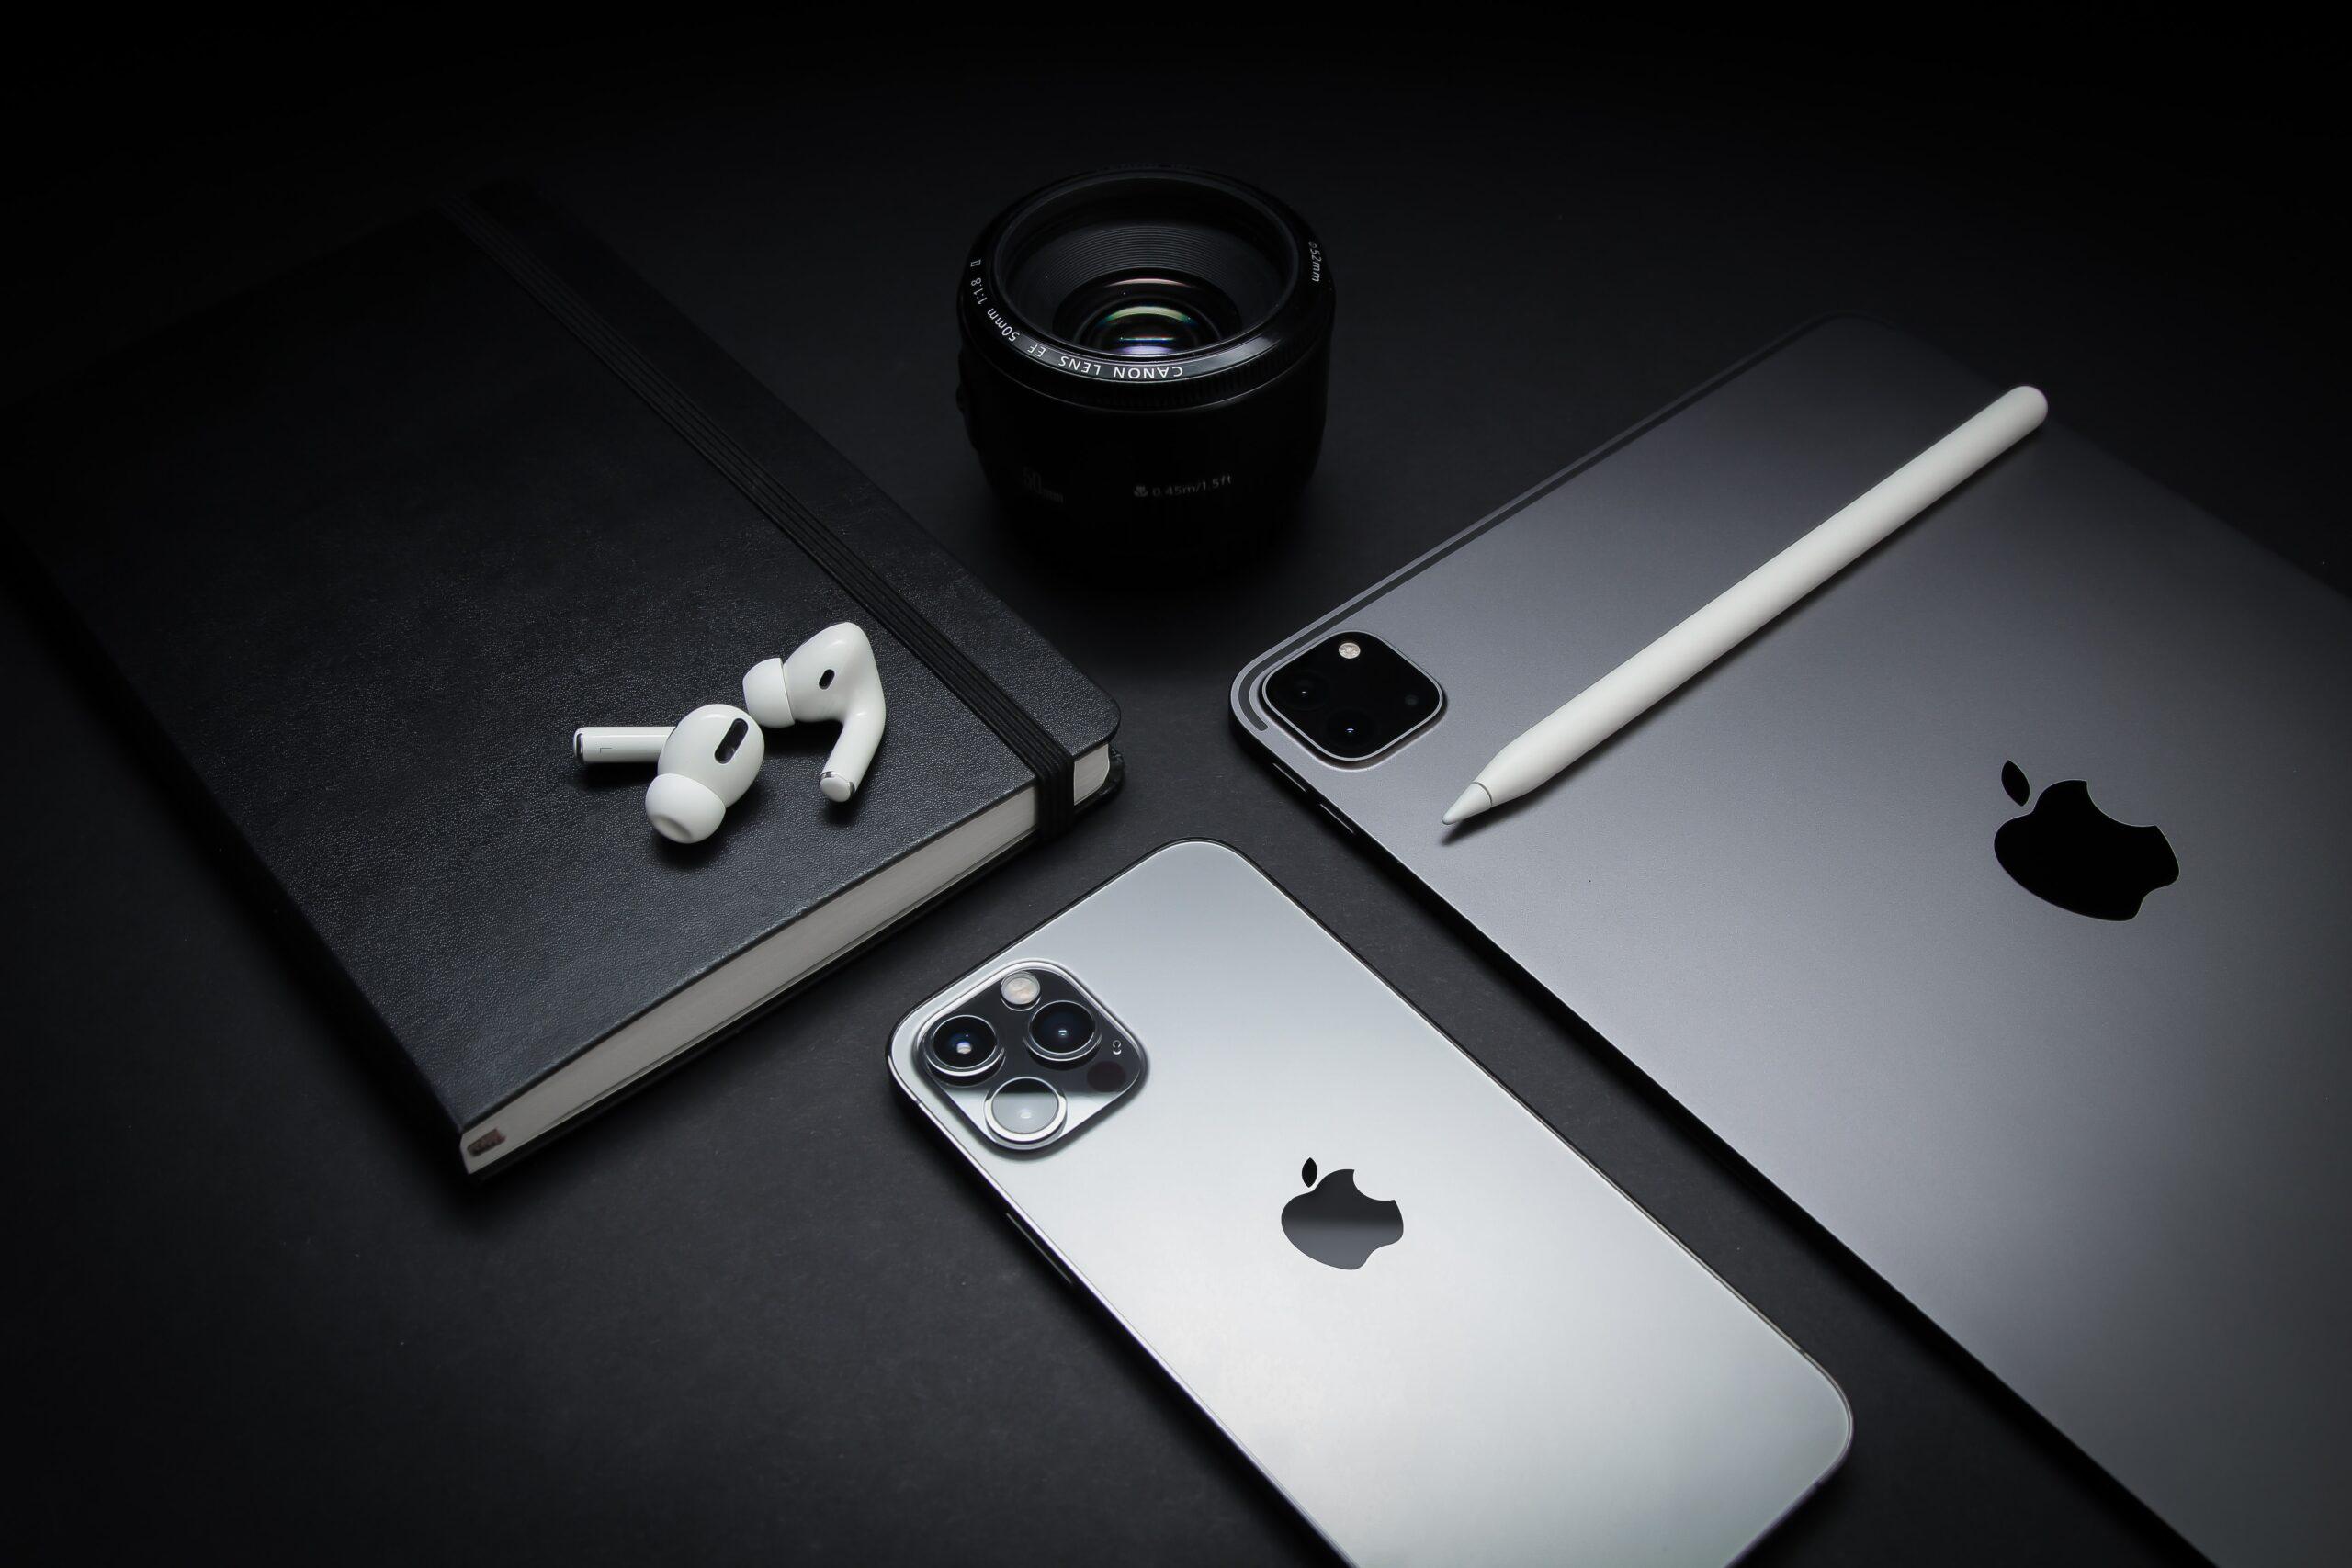 Offerte iPhone: da Unieuro grossi sconti restituendo lo smartphone usato thumbnail